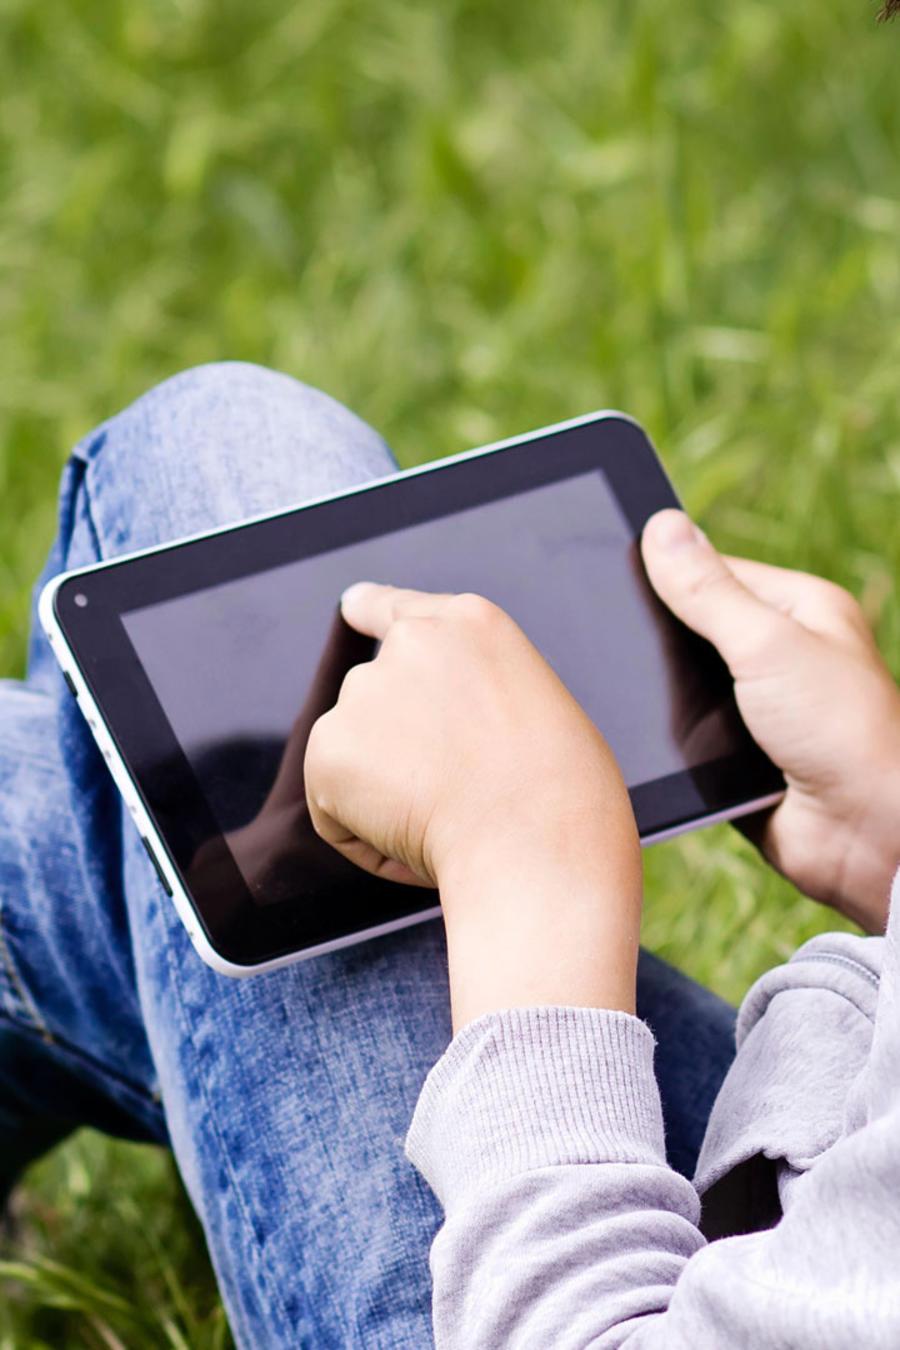 Niño en jardín con tablet